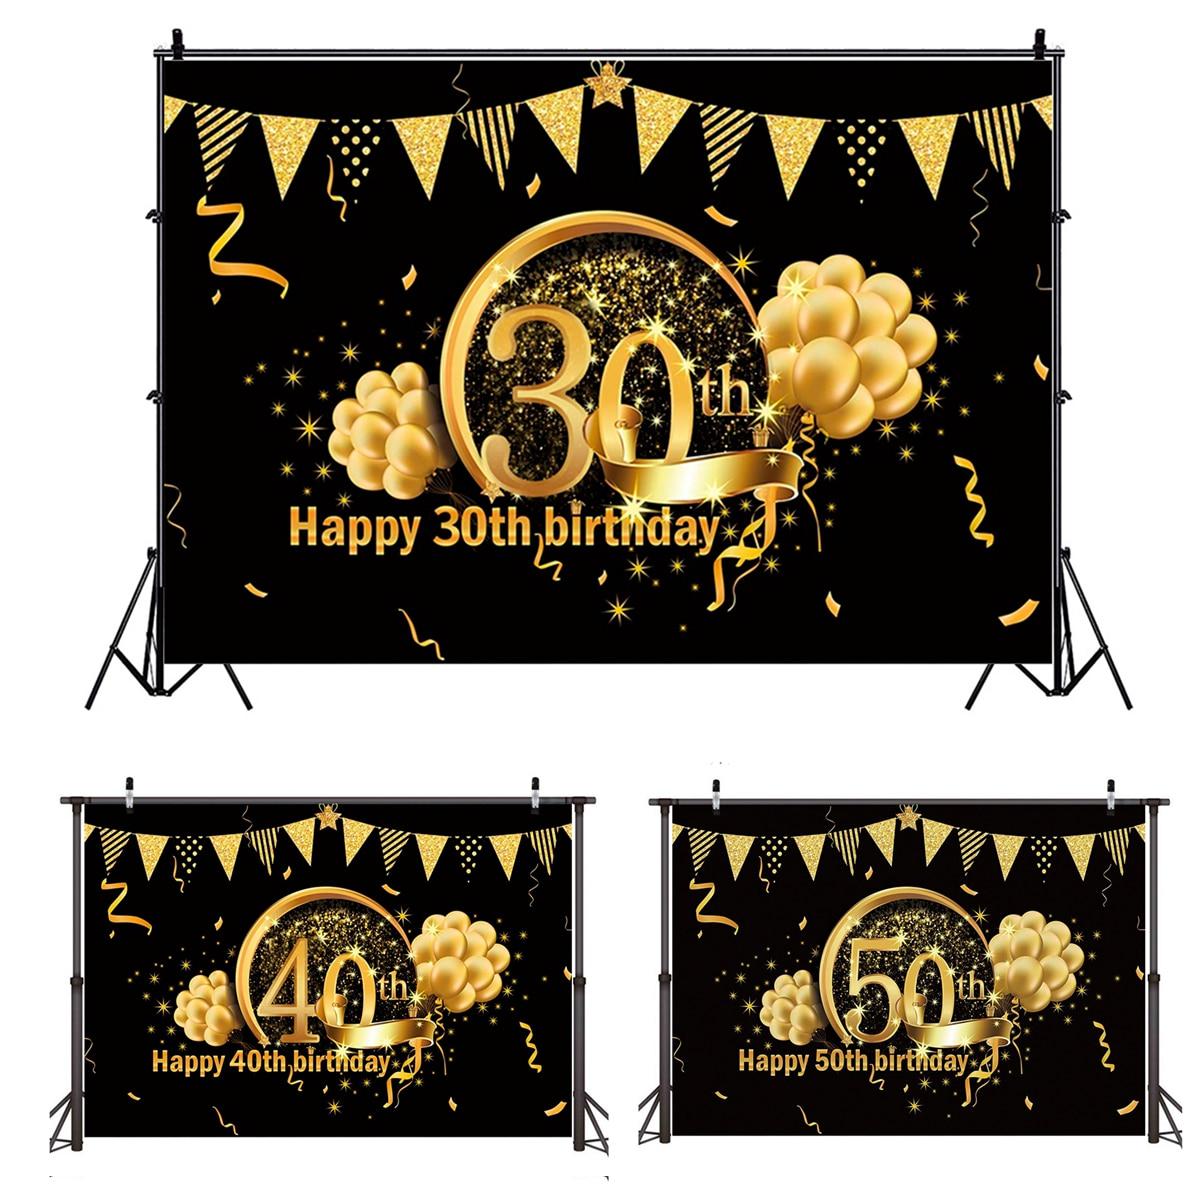 Fondo de decoración de cumpleaños QIFU 30 40 50 decoración de fiesta de cumpleaños para adultos 30 ° 40 ° 50 cumpleaños suministros 30 años aniversario